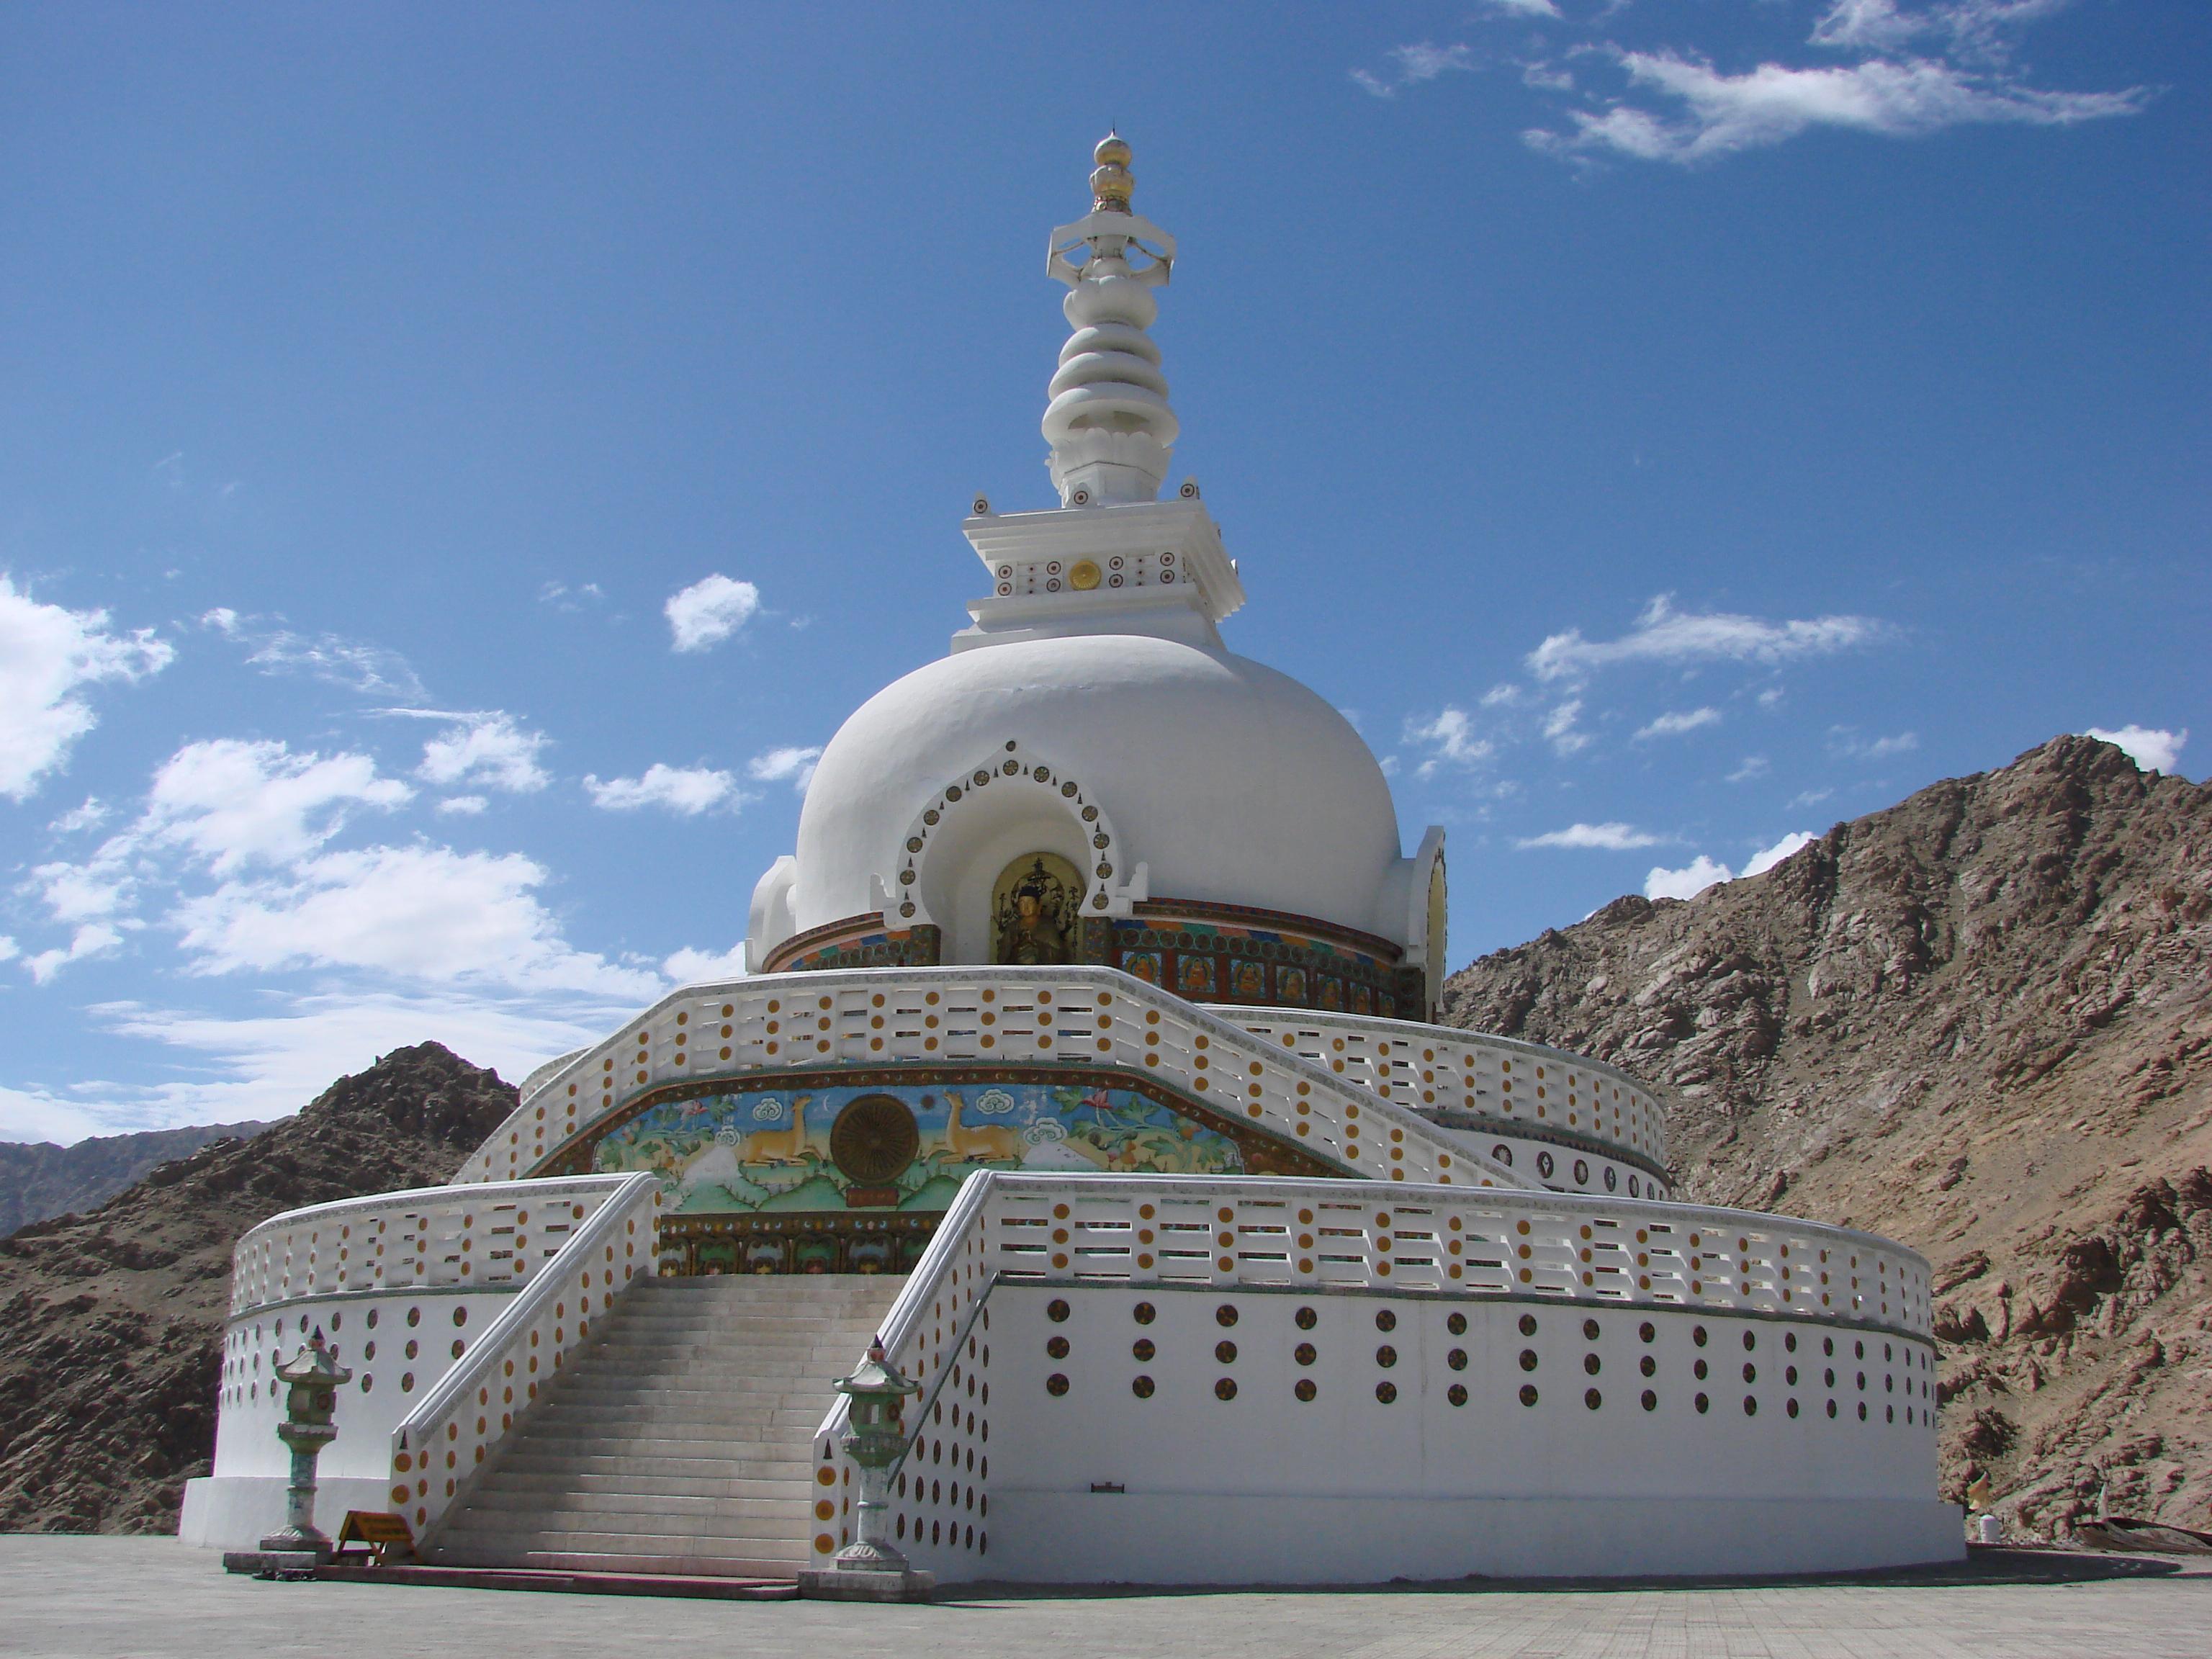 File:Shanti Stupa.jpg - Wikipedia